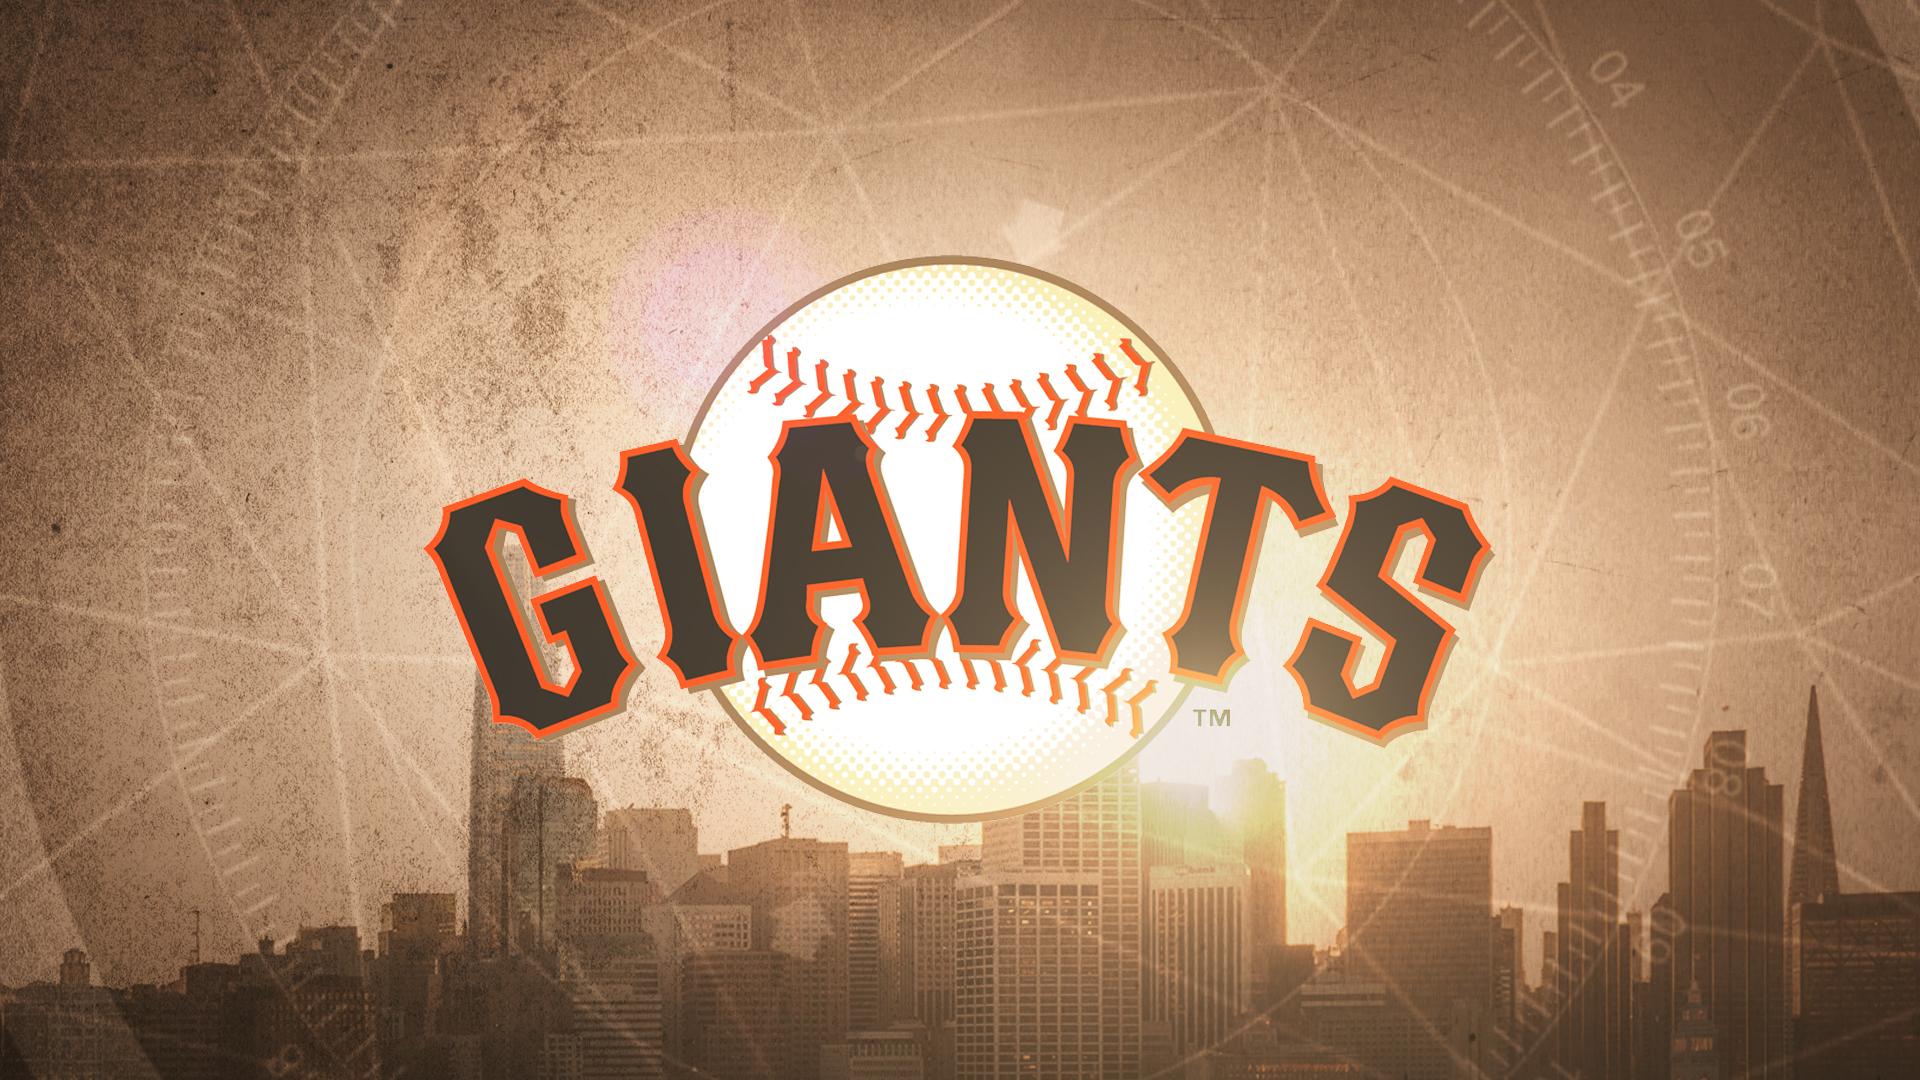 Giants_OpenConcept_Frame09.jpg